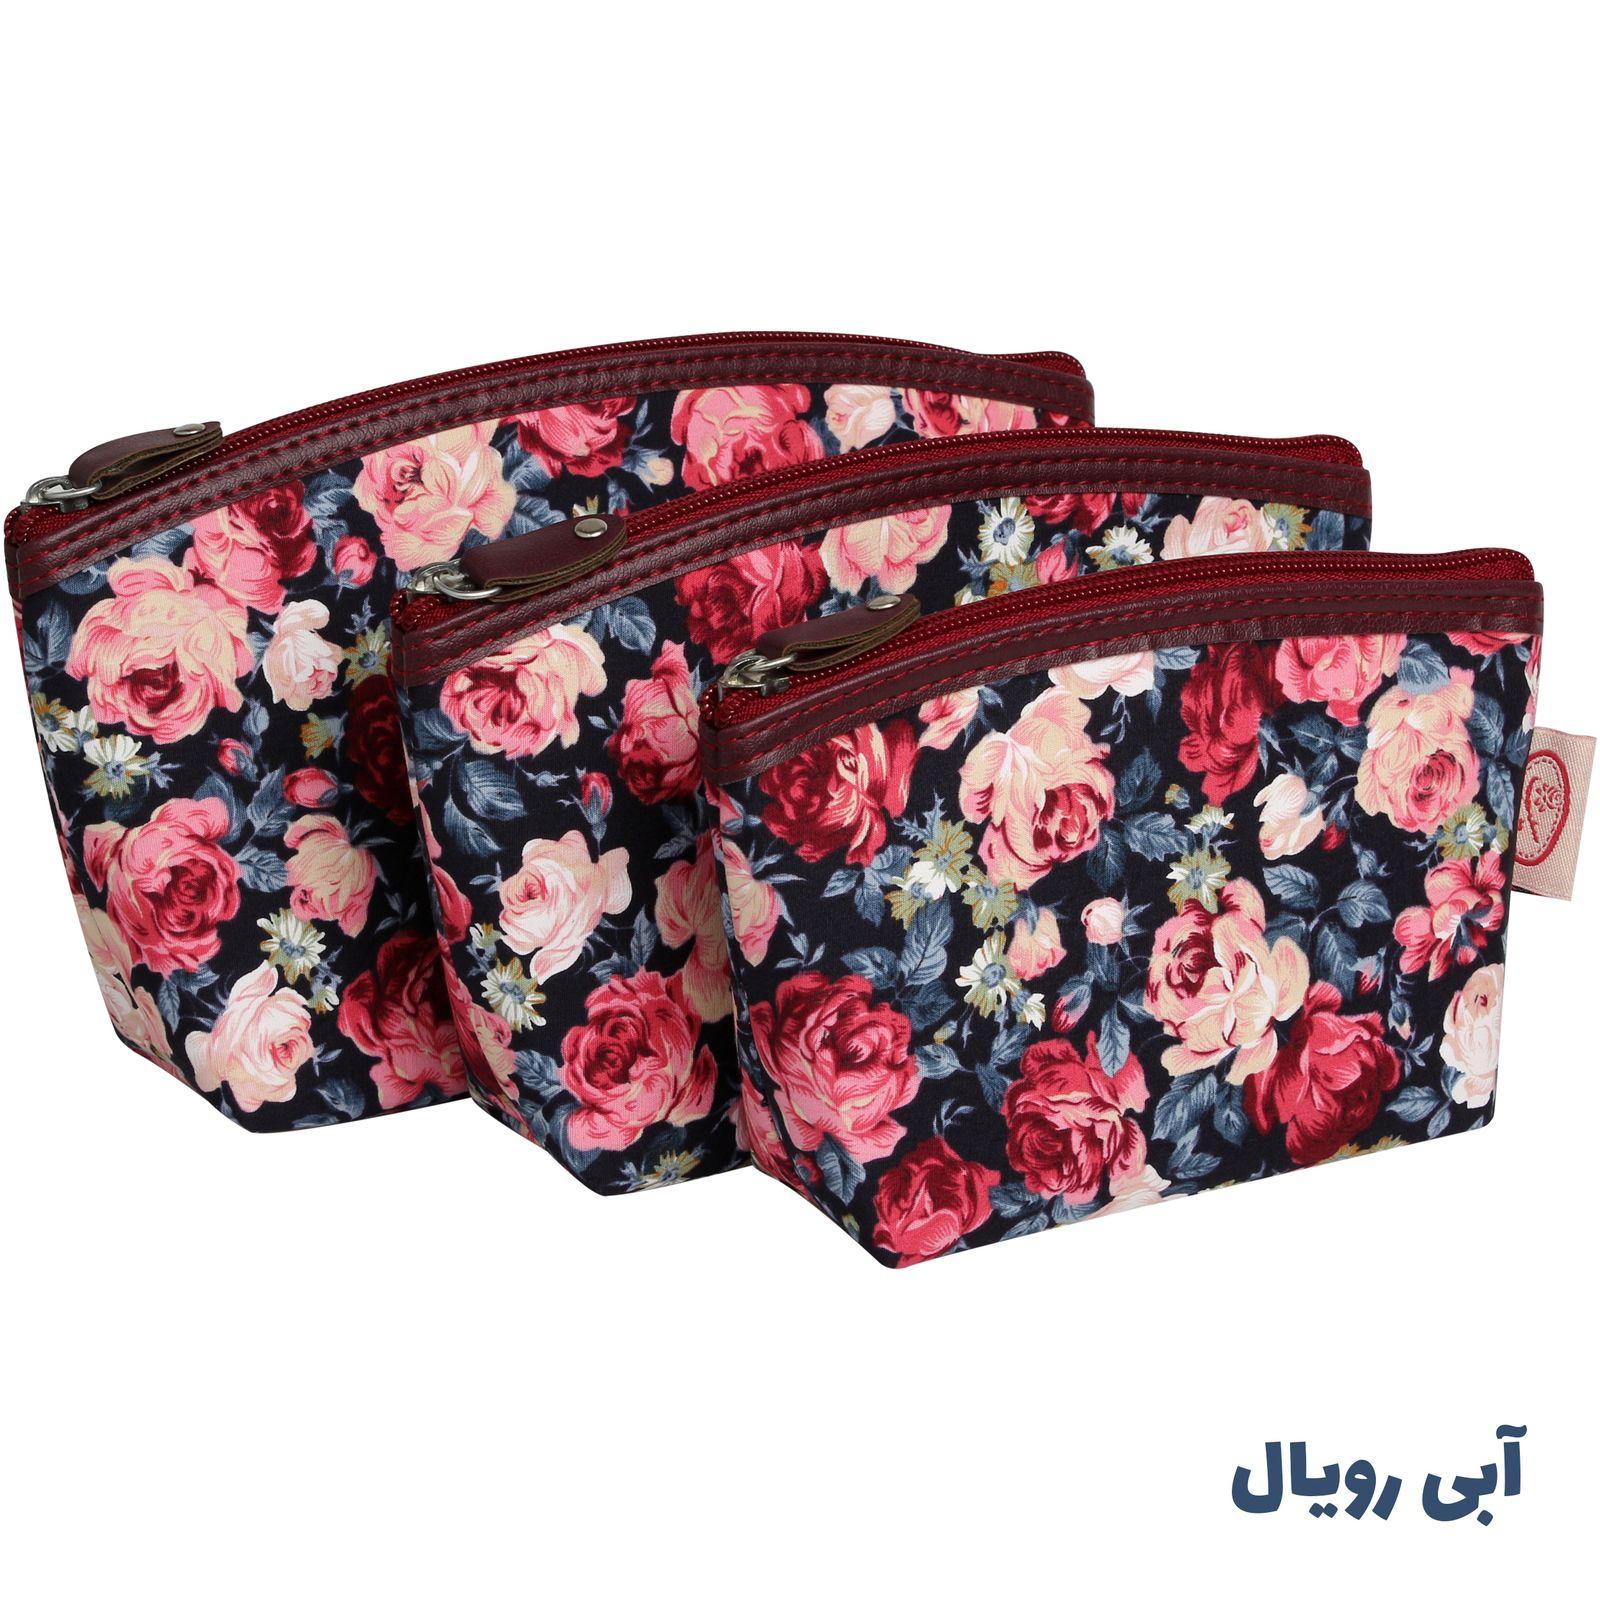 کیف لوازم آرایش زنانه سیب کد 15-Bgf مجموعه 3 عددی -  - 7